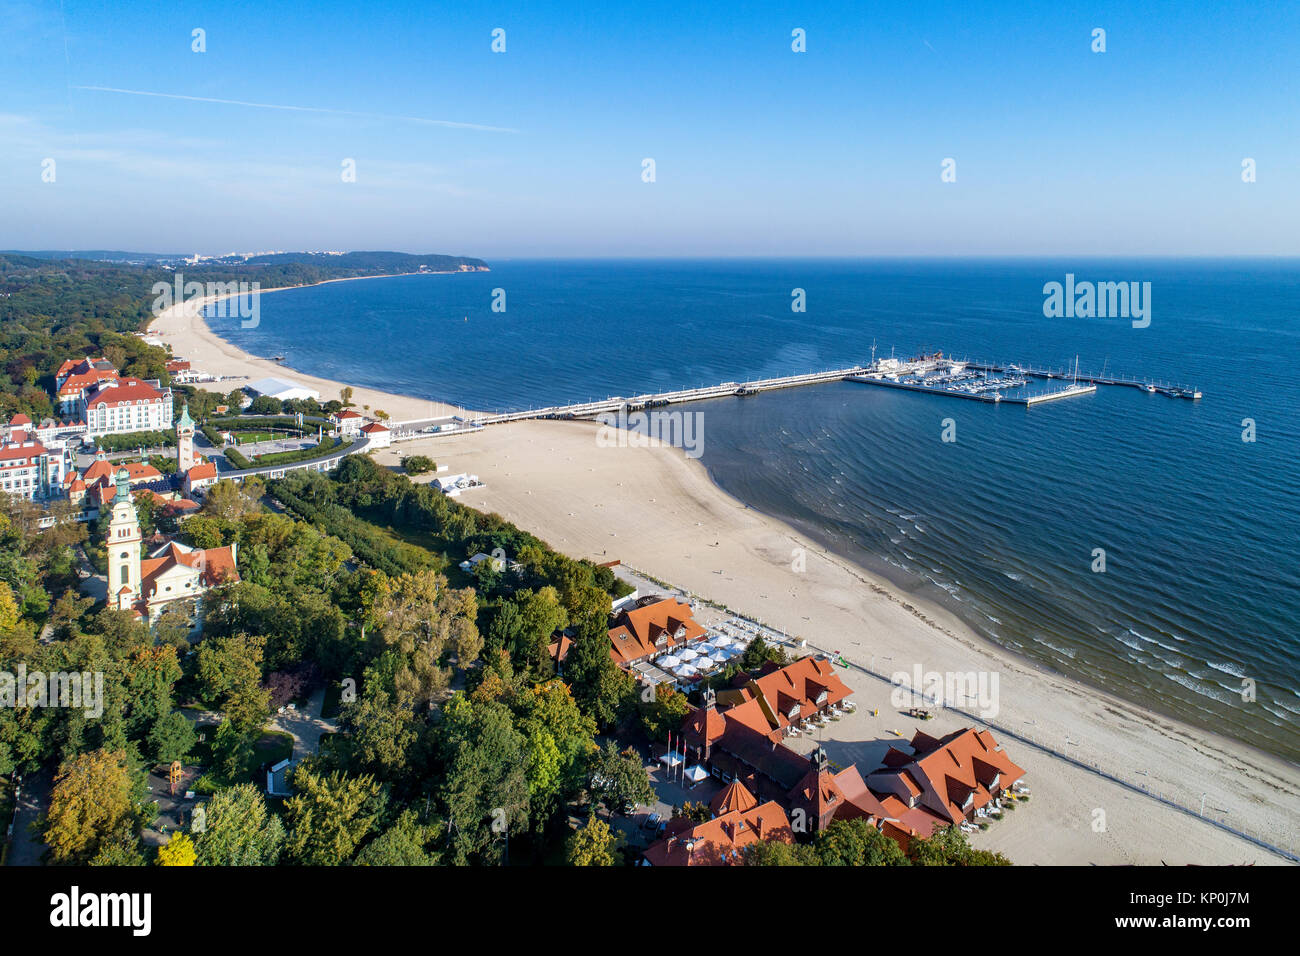 Sopot Resort in Polen. Hölzerne Seebrücke (Molo) mit Marina, Yachten, Strand, der Alte Leuchtturm, Kirche, Stockbild